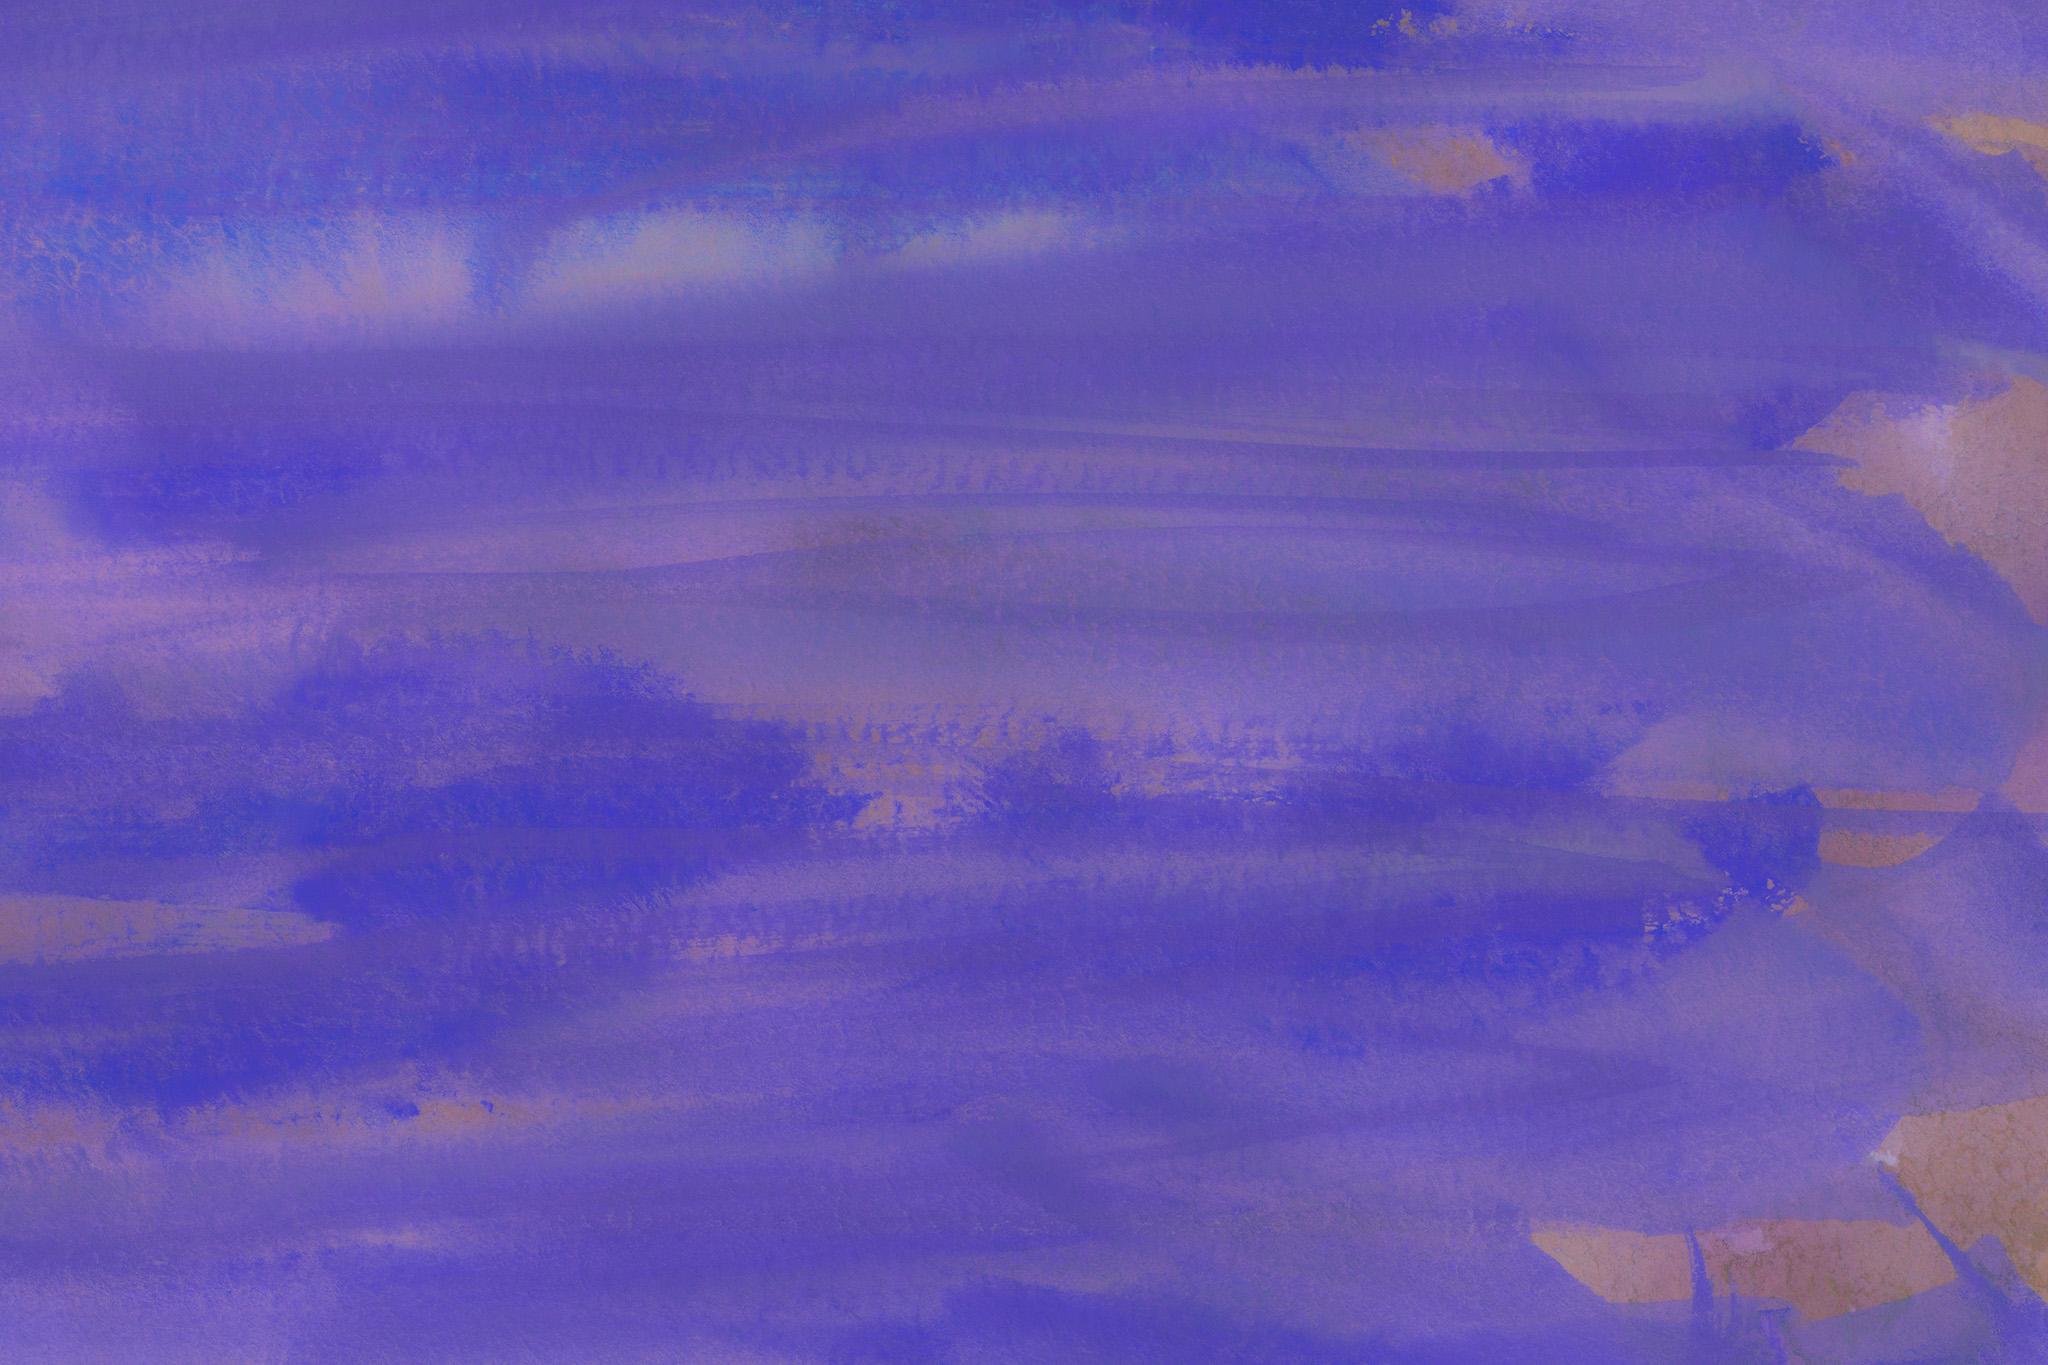 「紫と茶色が薄く滲む紙のテクスチャ」